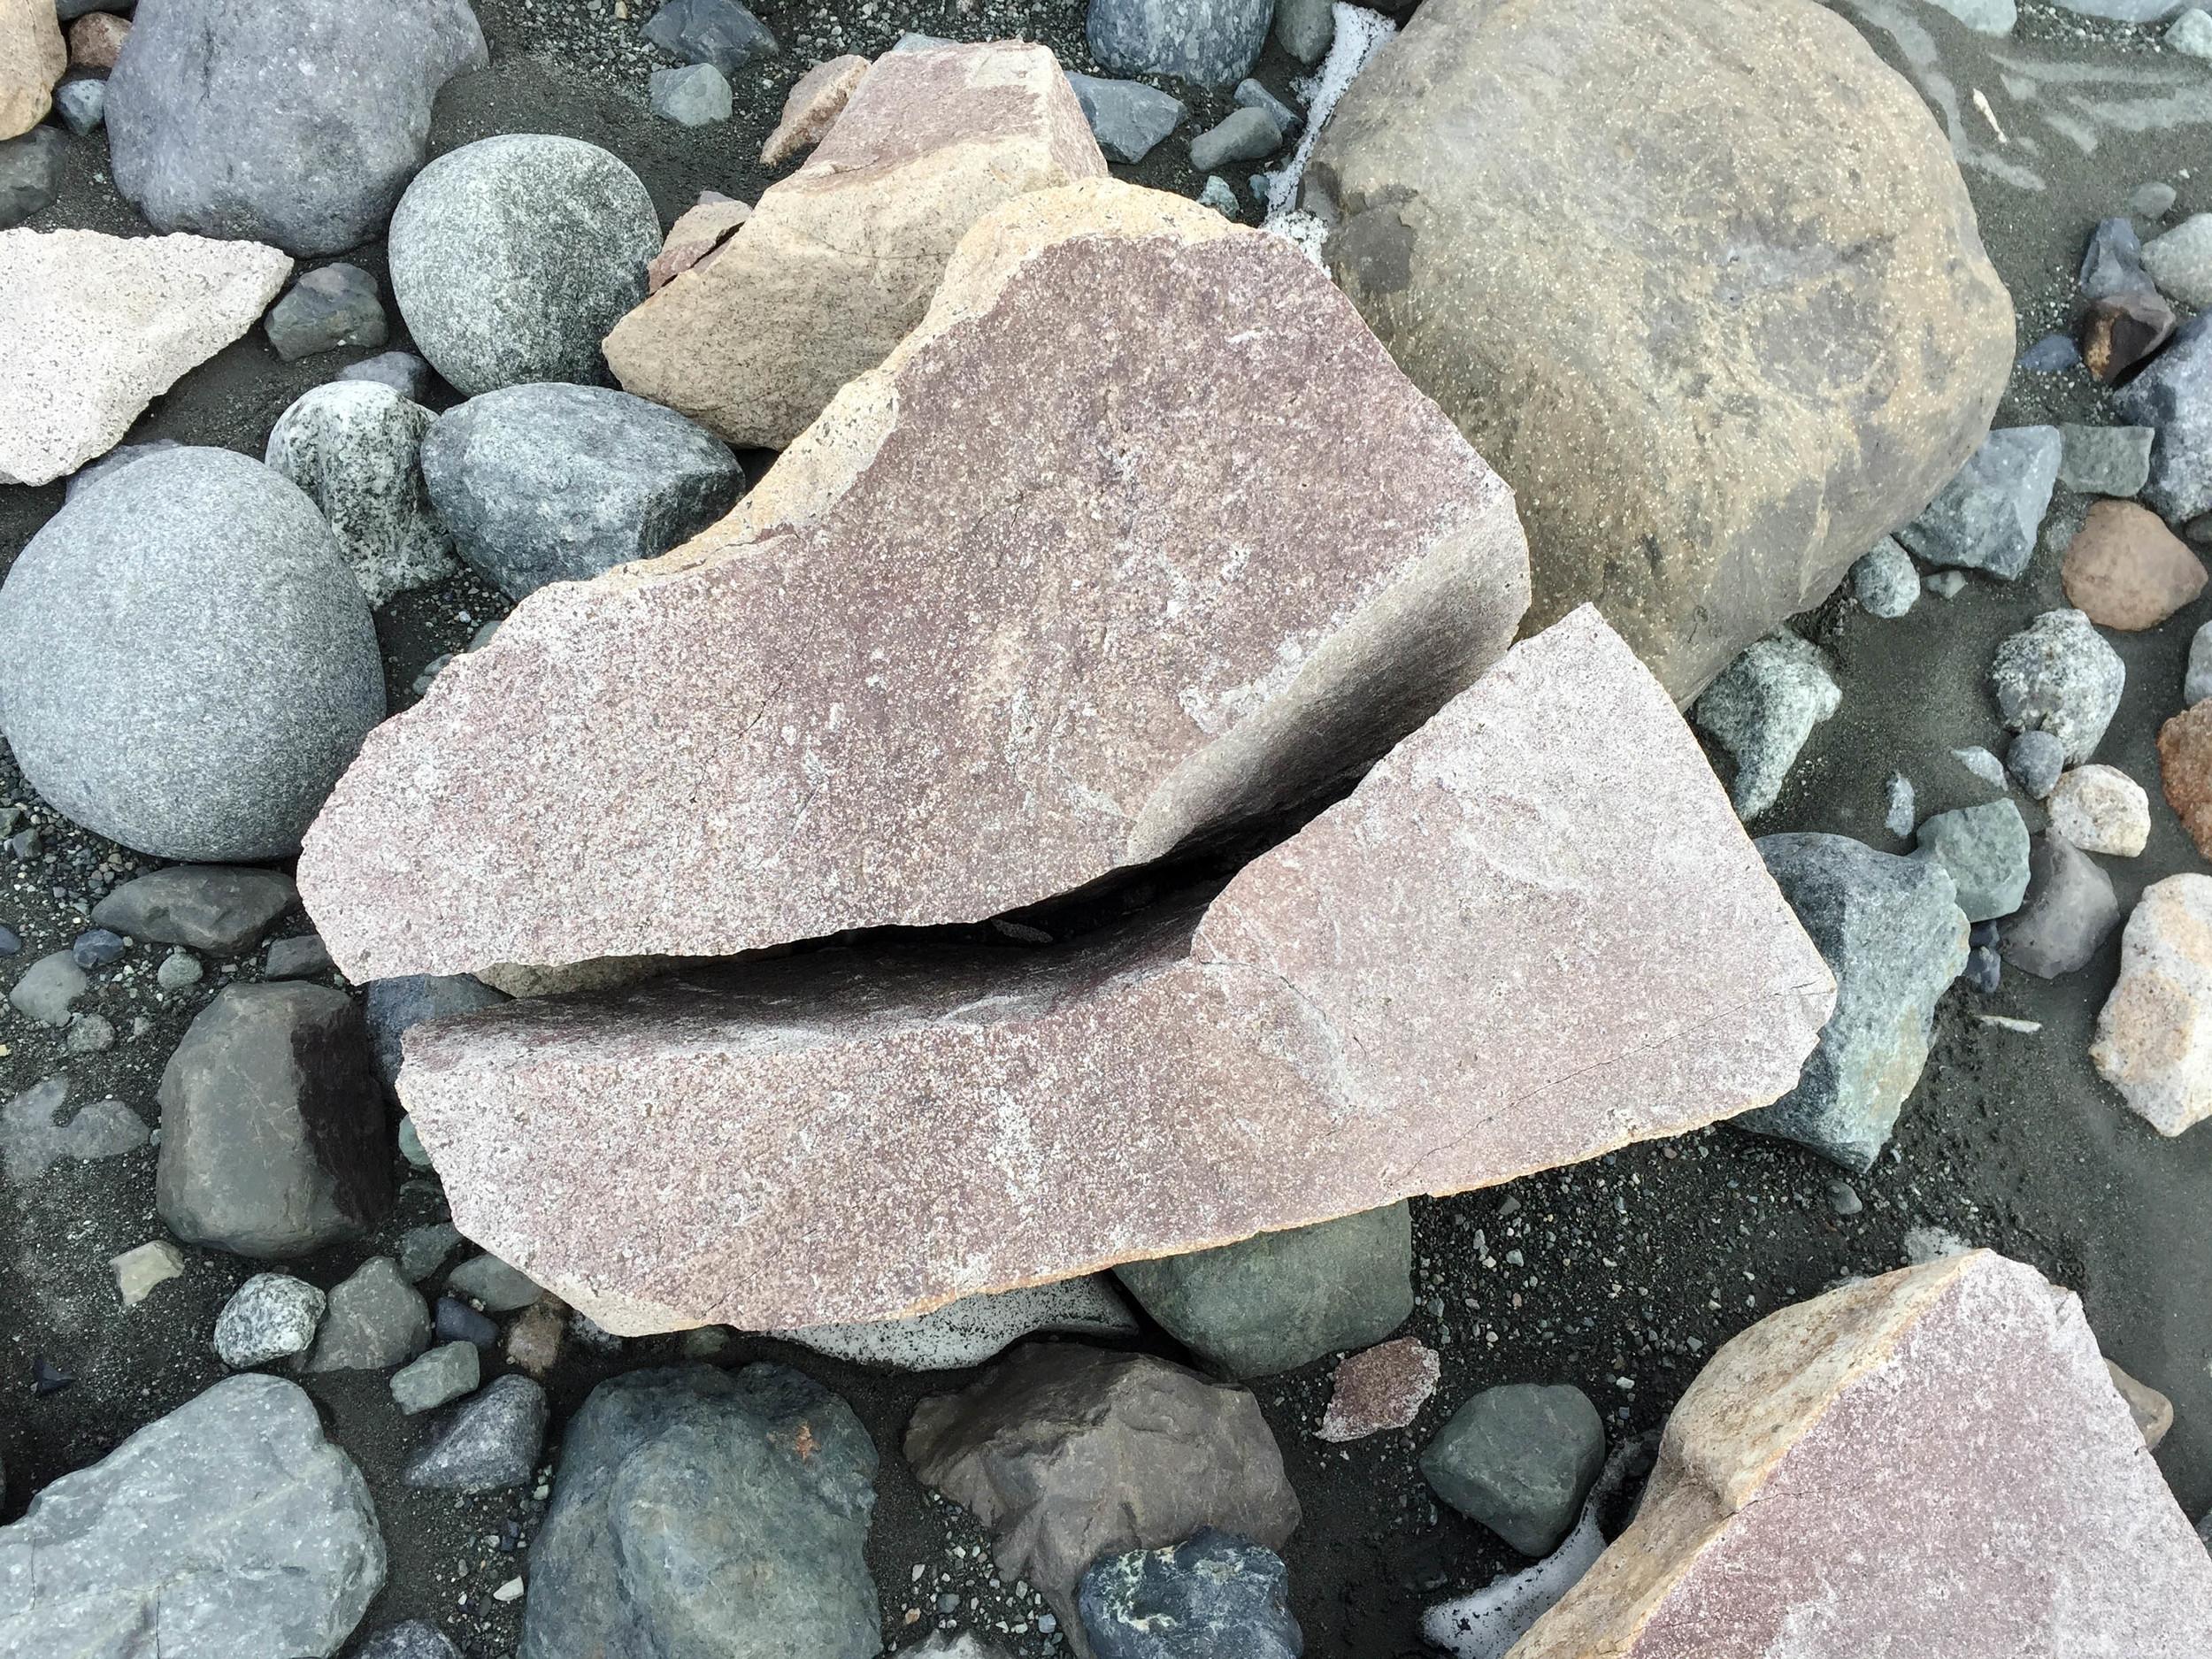 glacier_rock-19.jpg